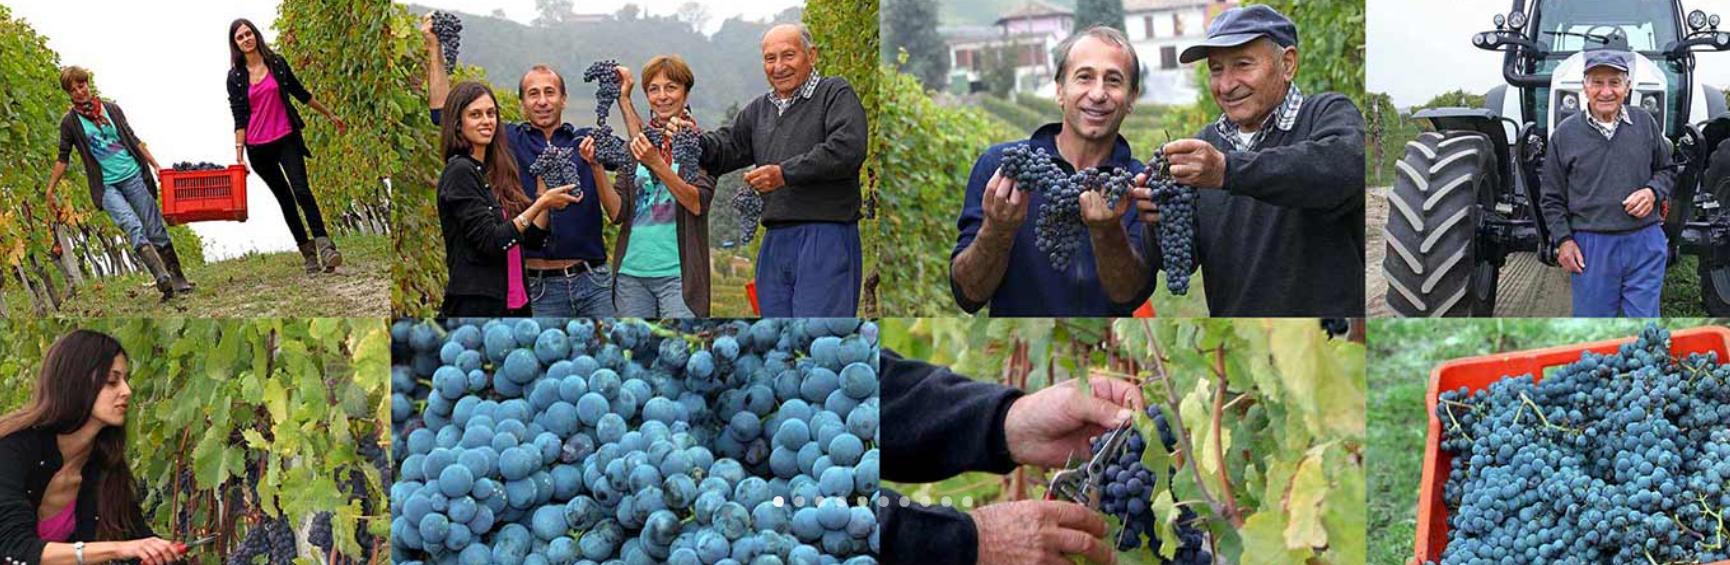 Weingut-Paolo-Conterno-Arbeit-am-Weinberg